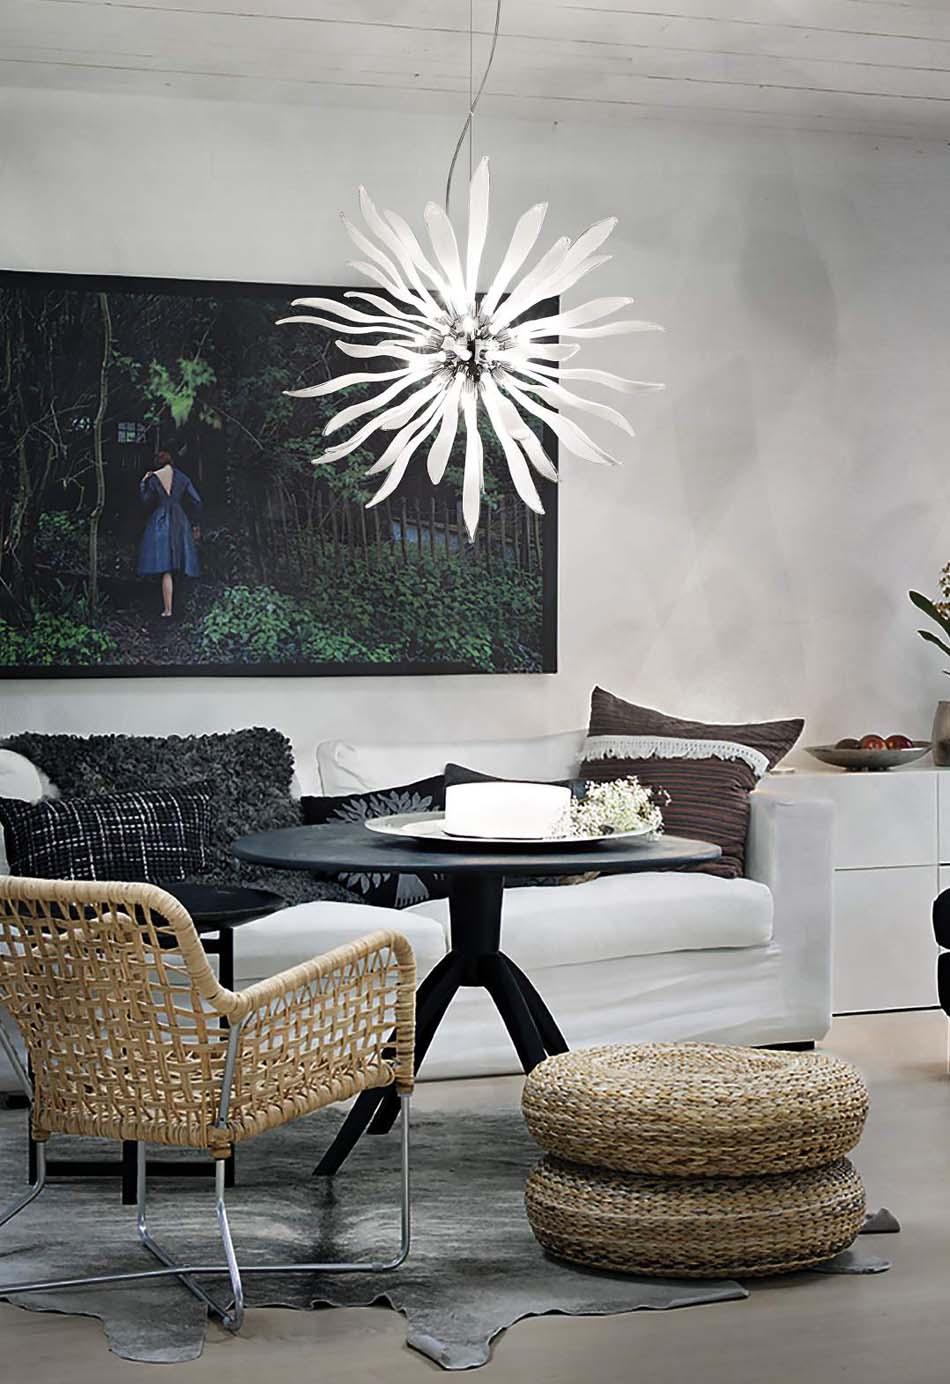 Lampade sospese Ideal Lux Corallo – Toscana Arredamenti